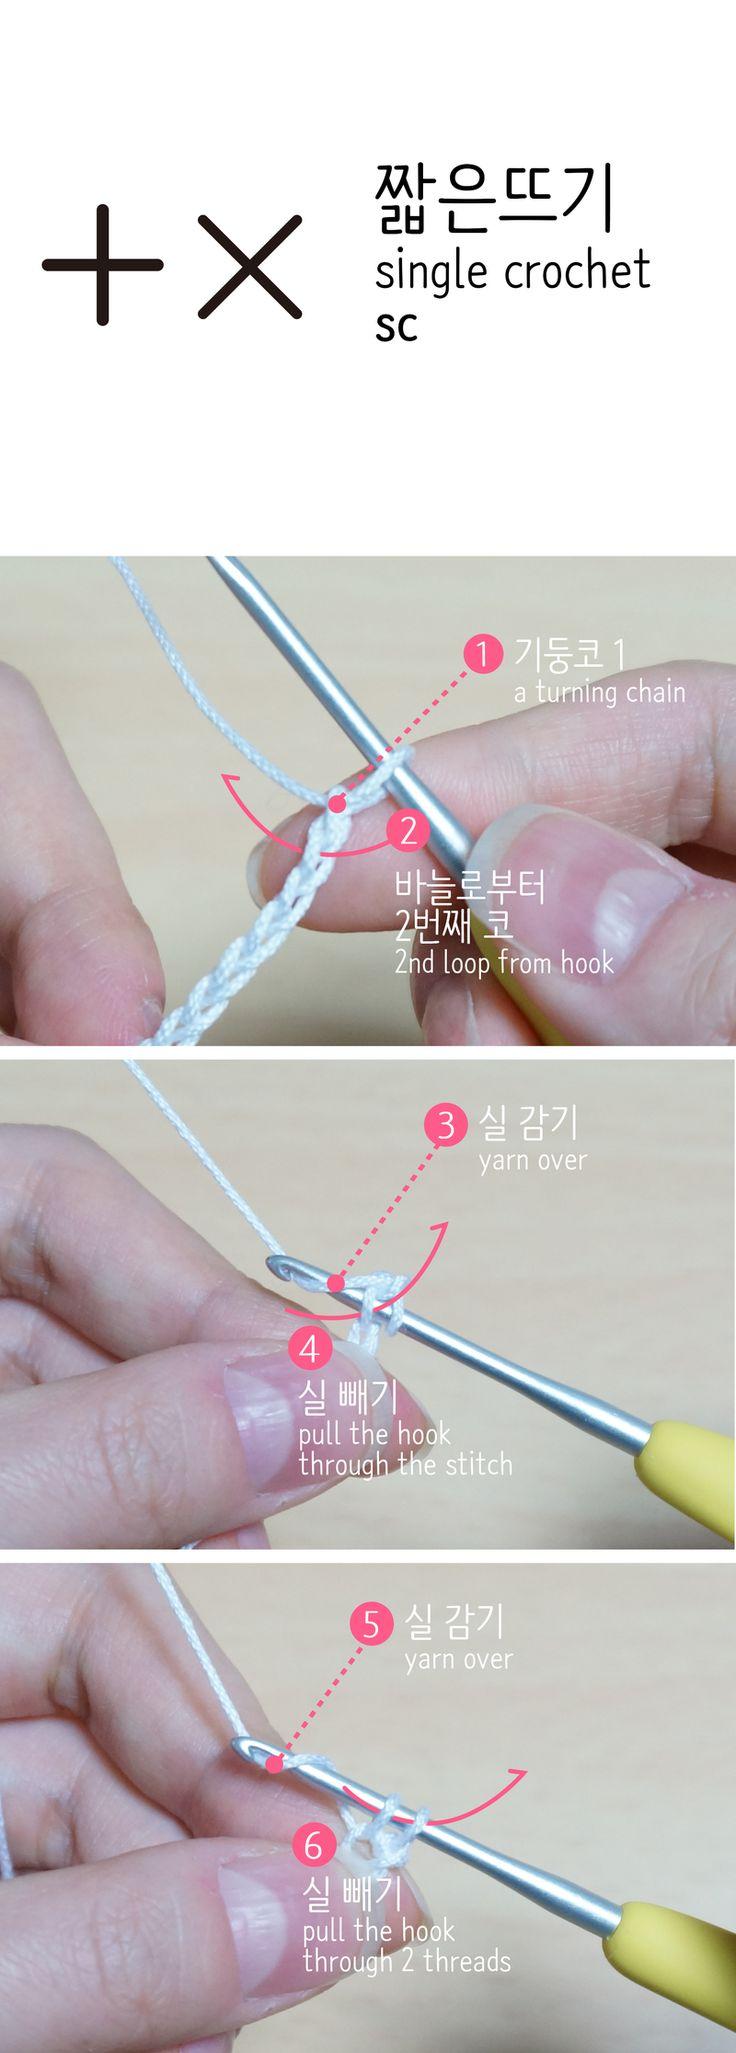 기본스티치 2. 짧은뜨기(single crochet/sc) : 사슬 1개만큼의 높이를 가진 첫번째 스티치. 바구니나 가방,...